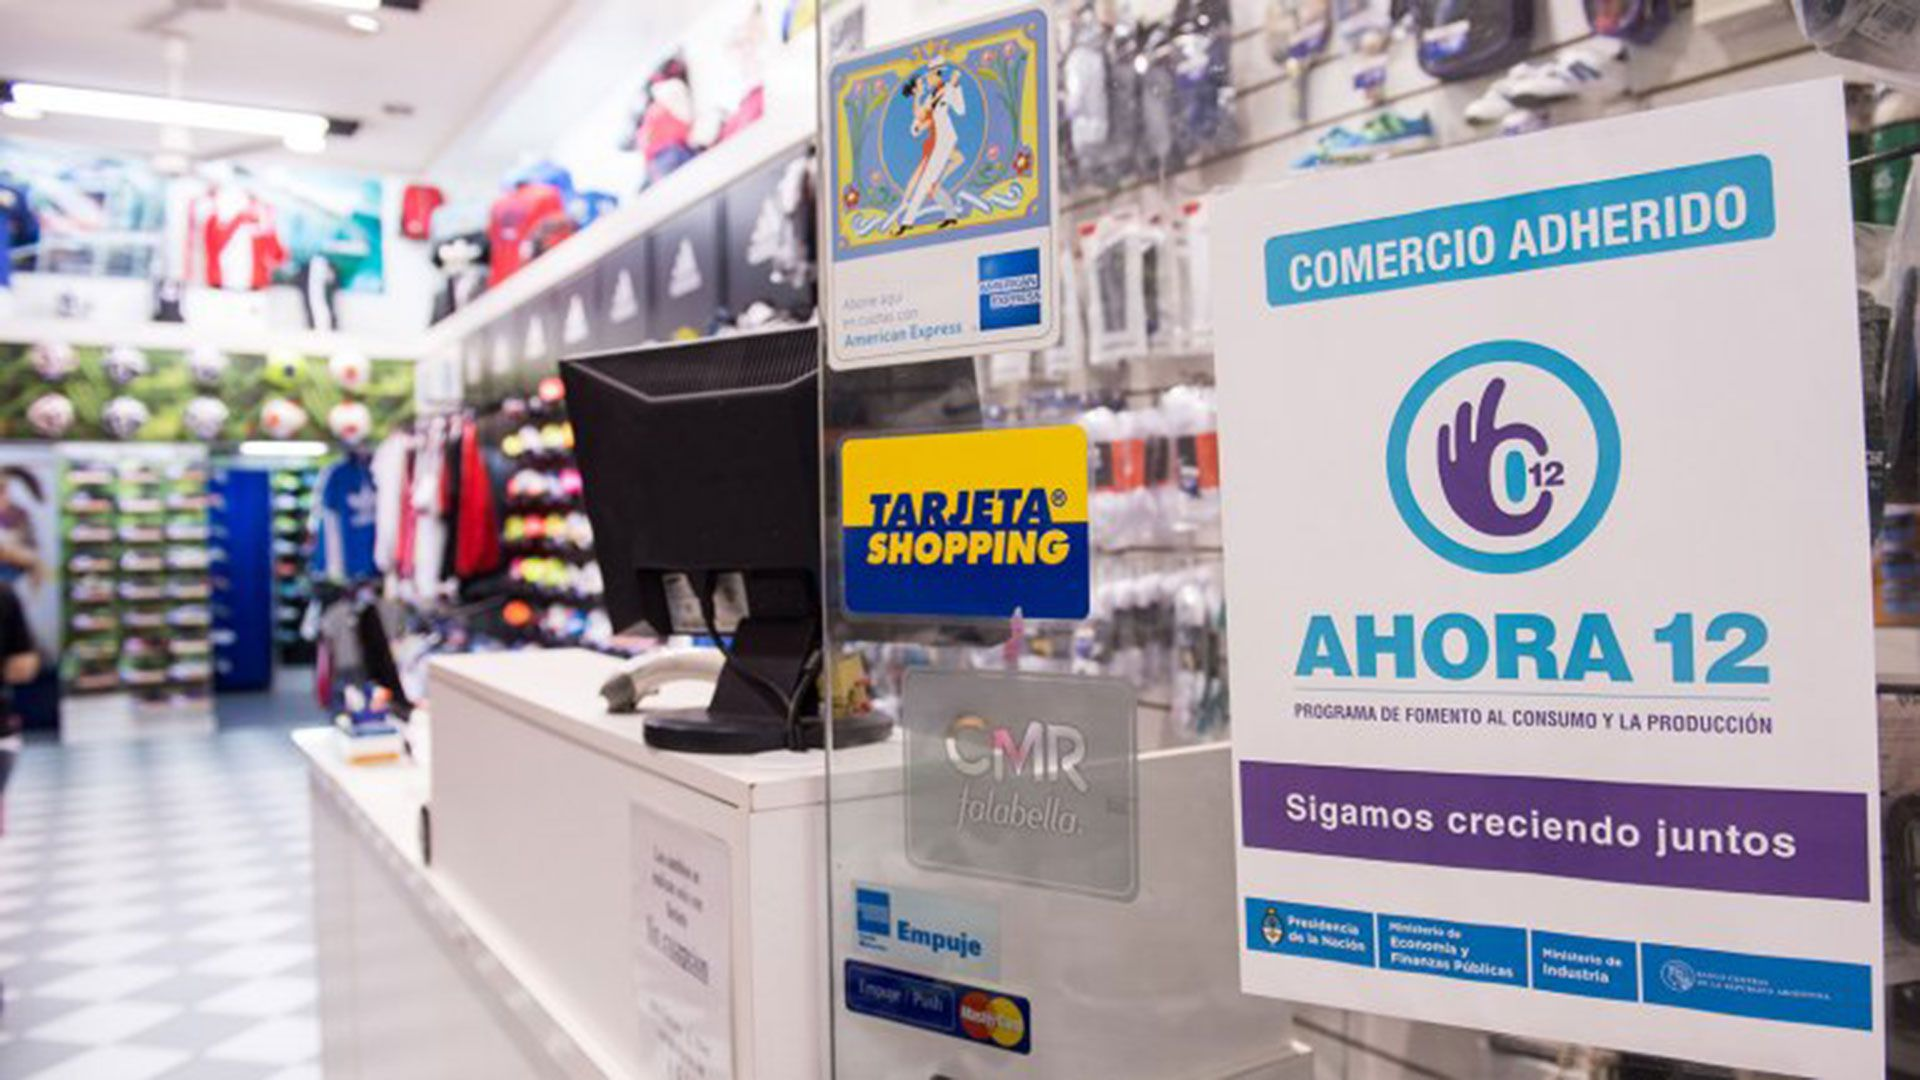 La Cámara Argentina de Comercio (CAC) envió una carta al ministro Matías Kulfas con varios pedidos, entre ellos, potenciar el programa Ahora 12